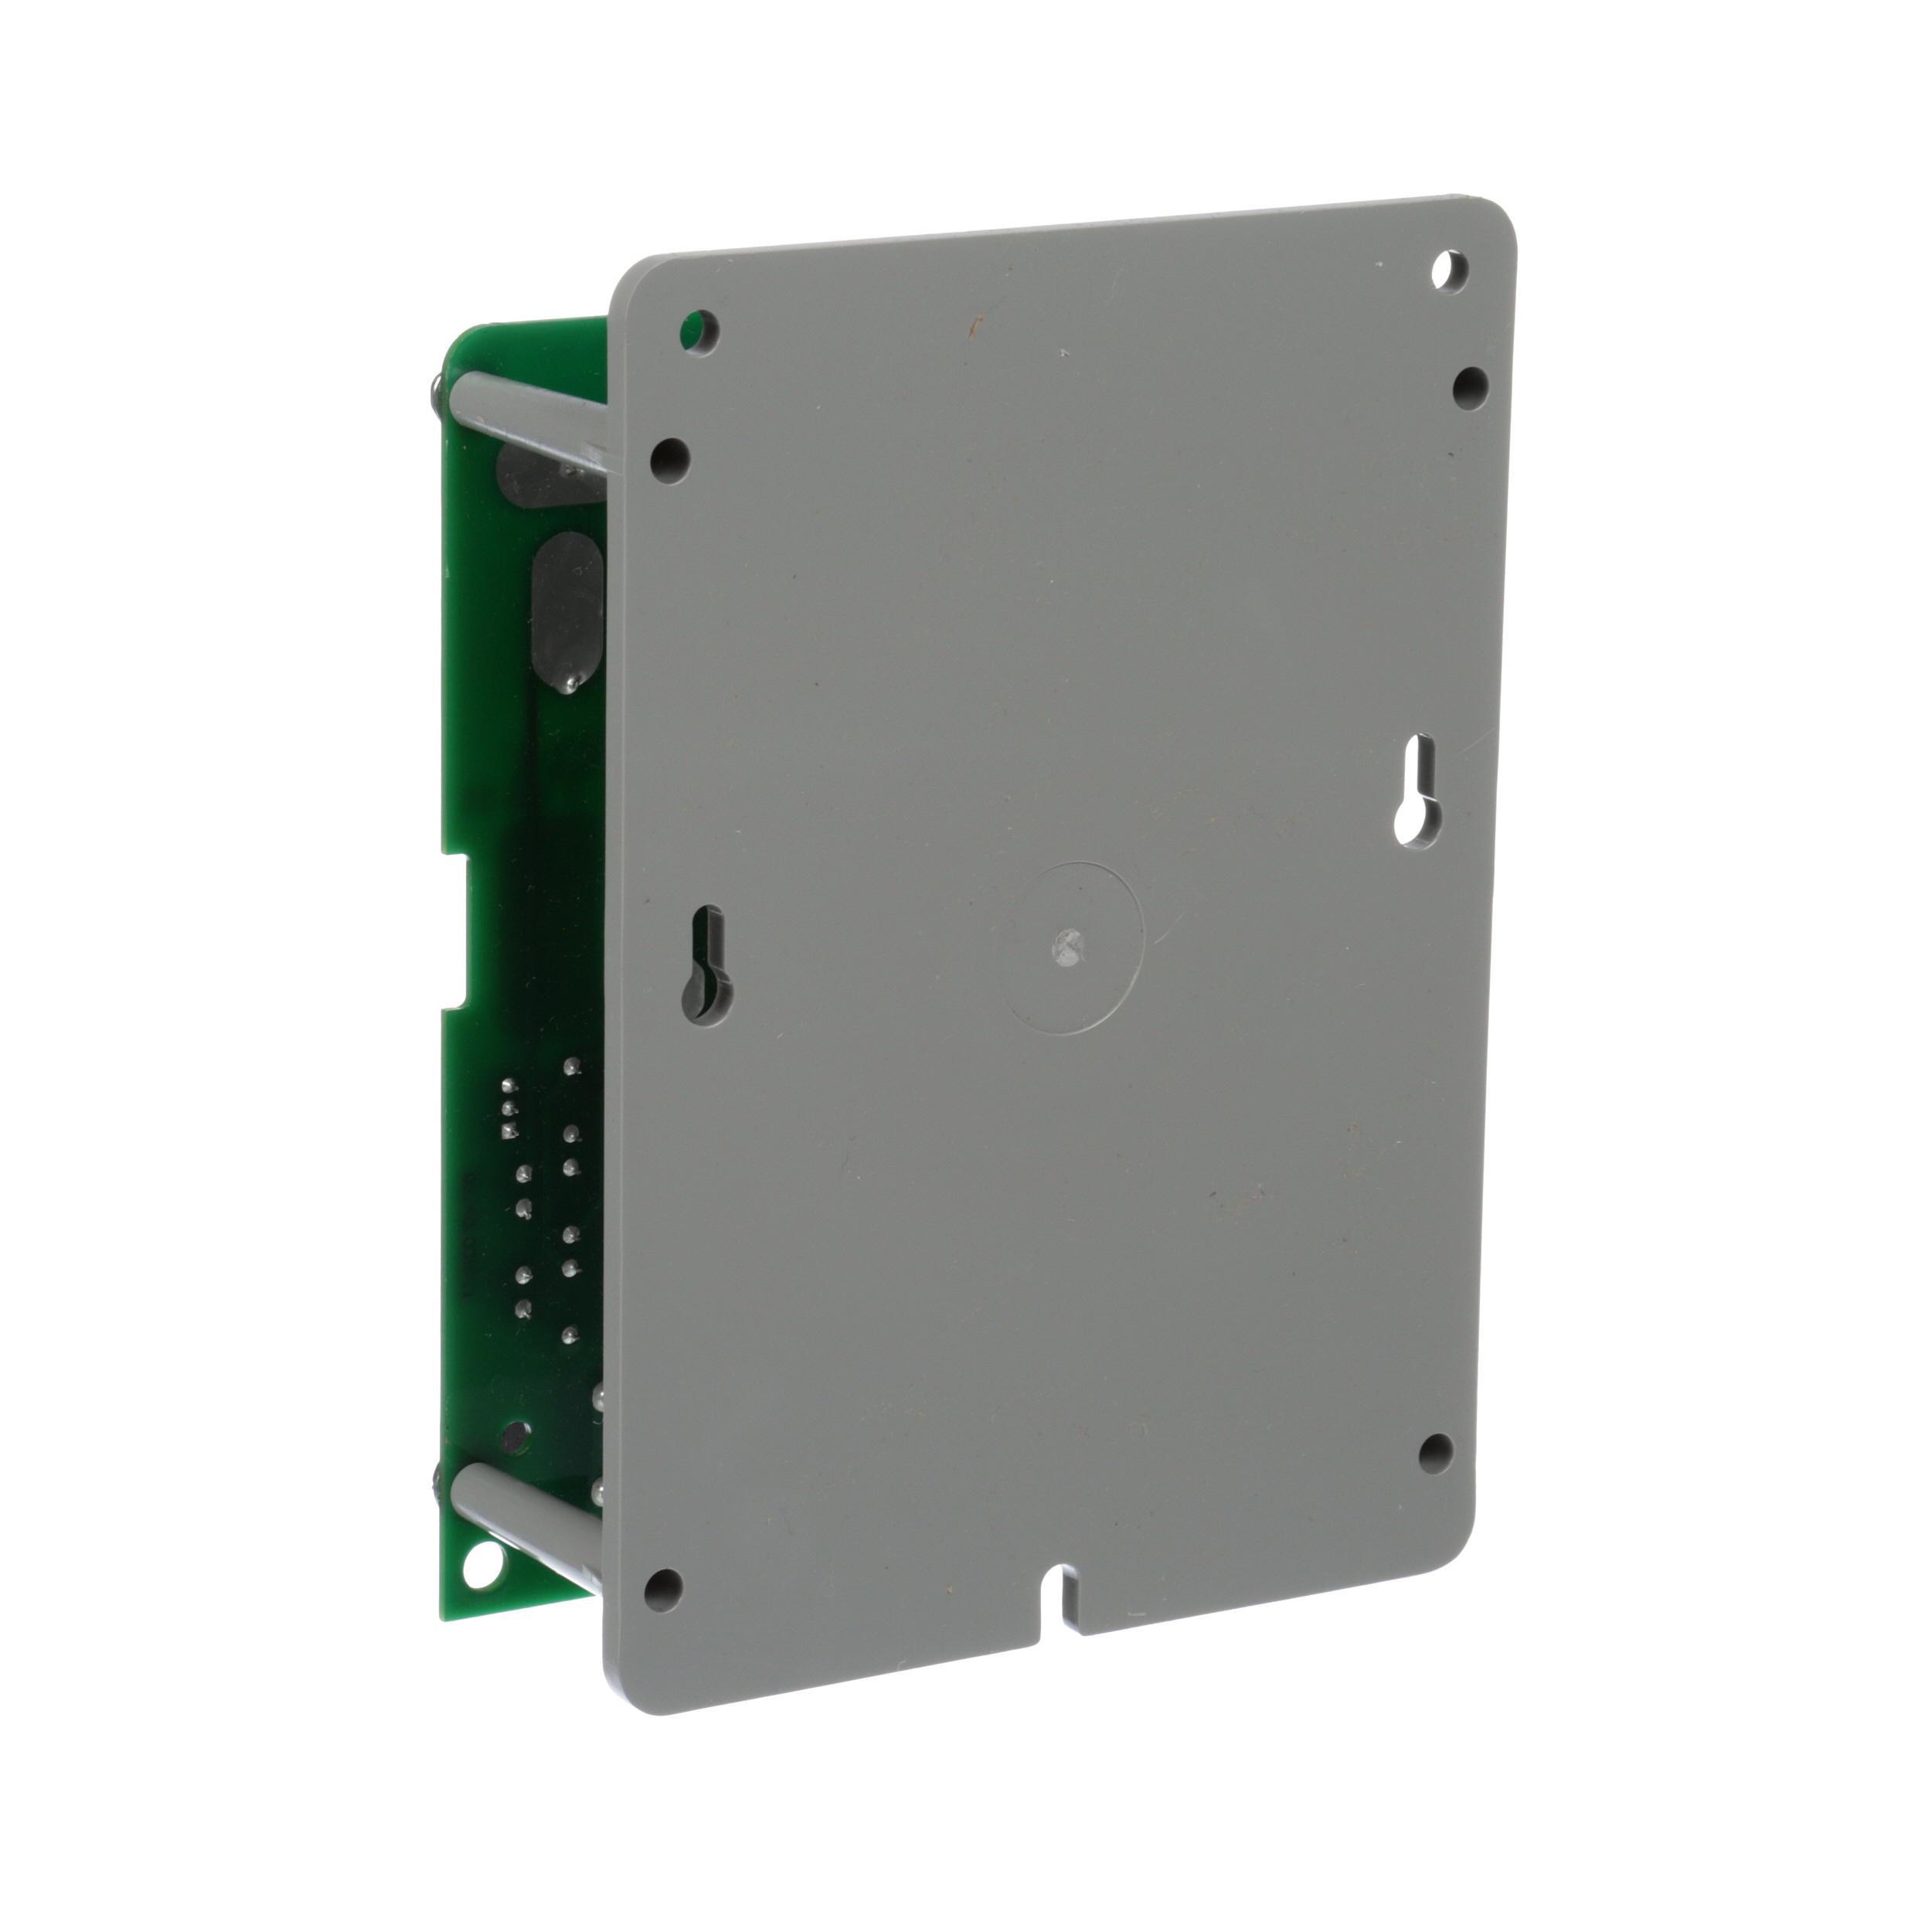 medium resolution of warren immersion heater wiring diagram infrared heater wiring 264863 r01 c09 w 300